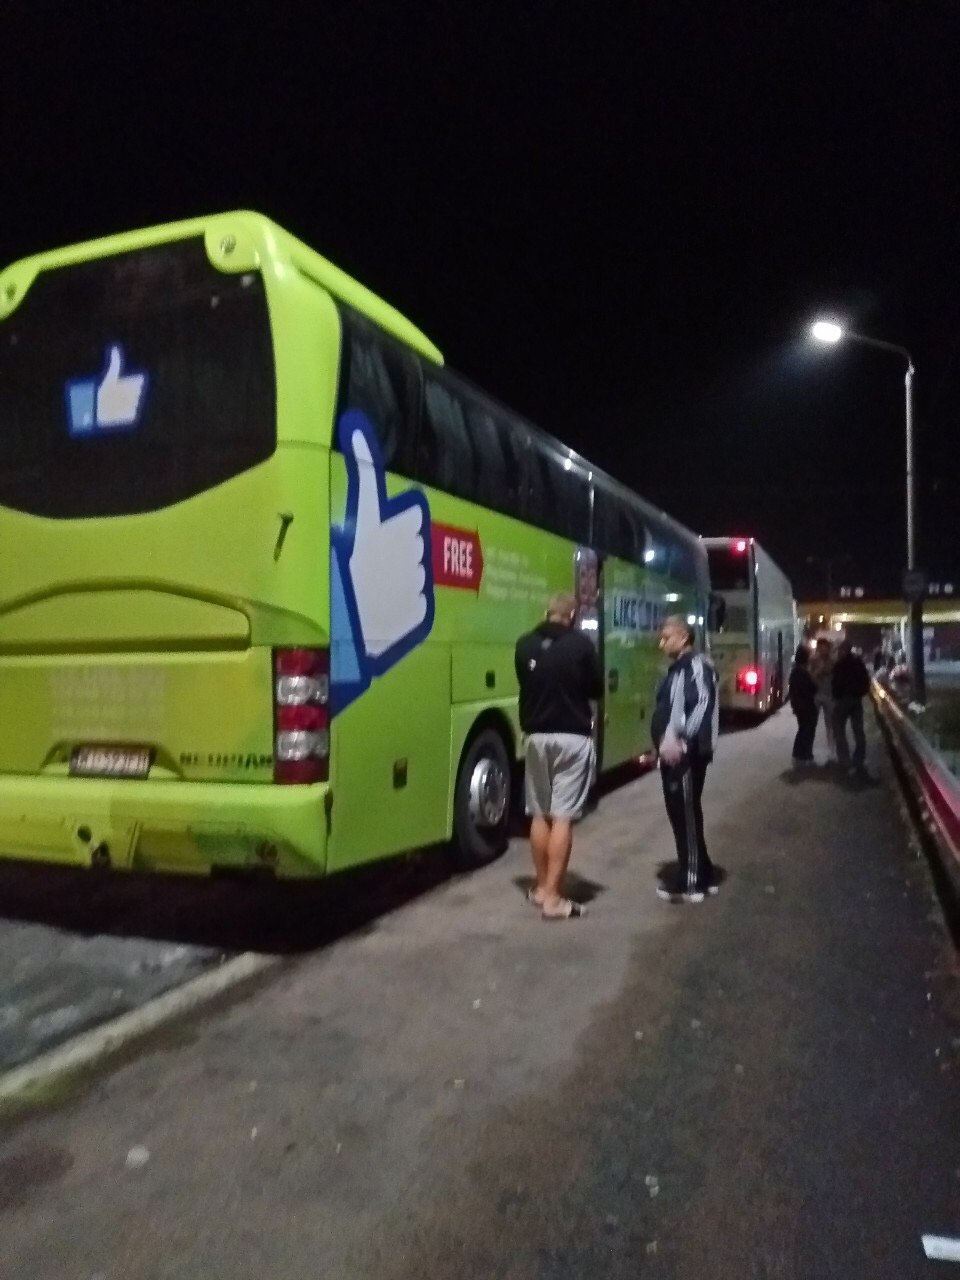 likebus.com.ua автобусные билеты онлайн - Прекрасная поездка